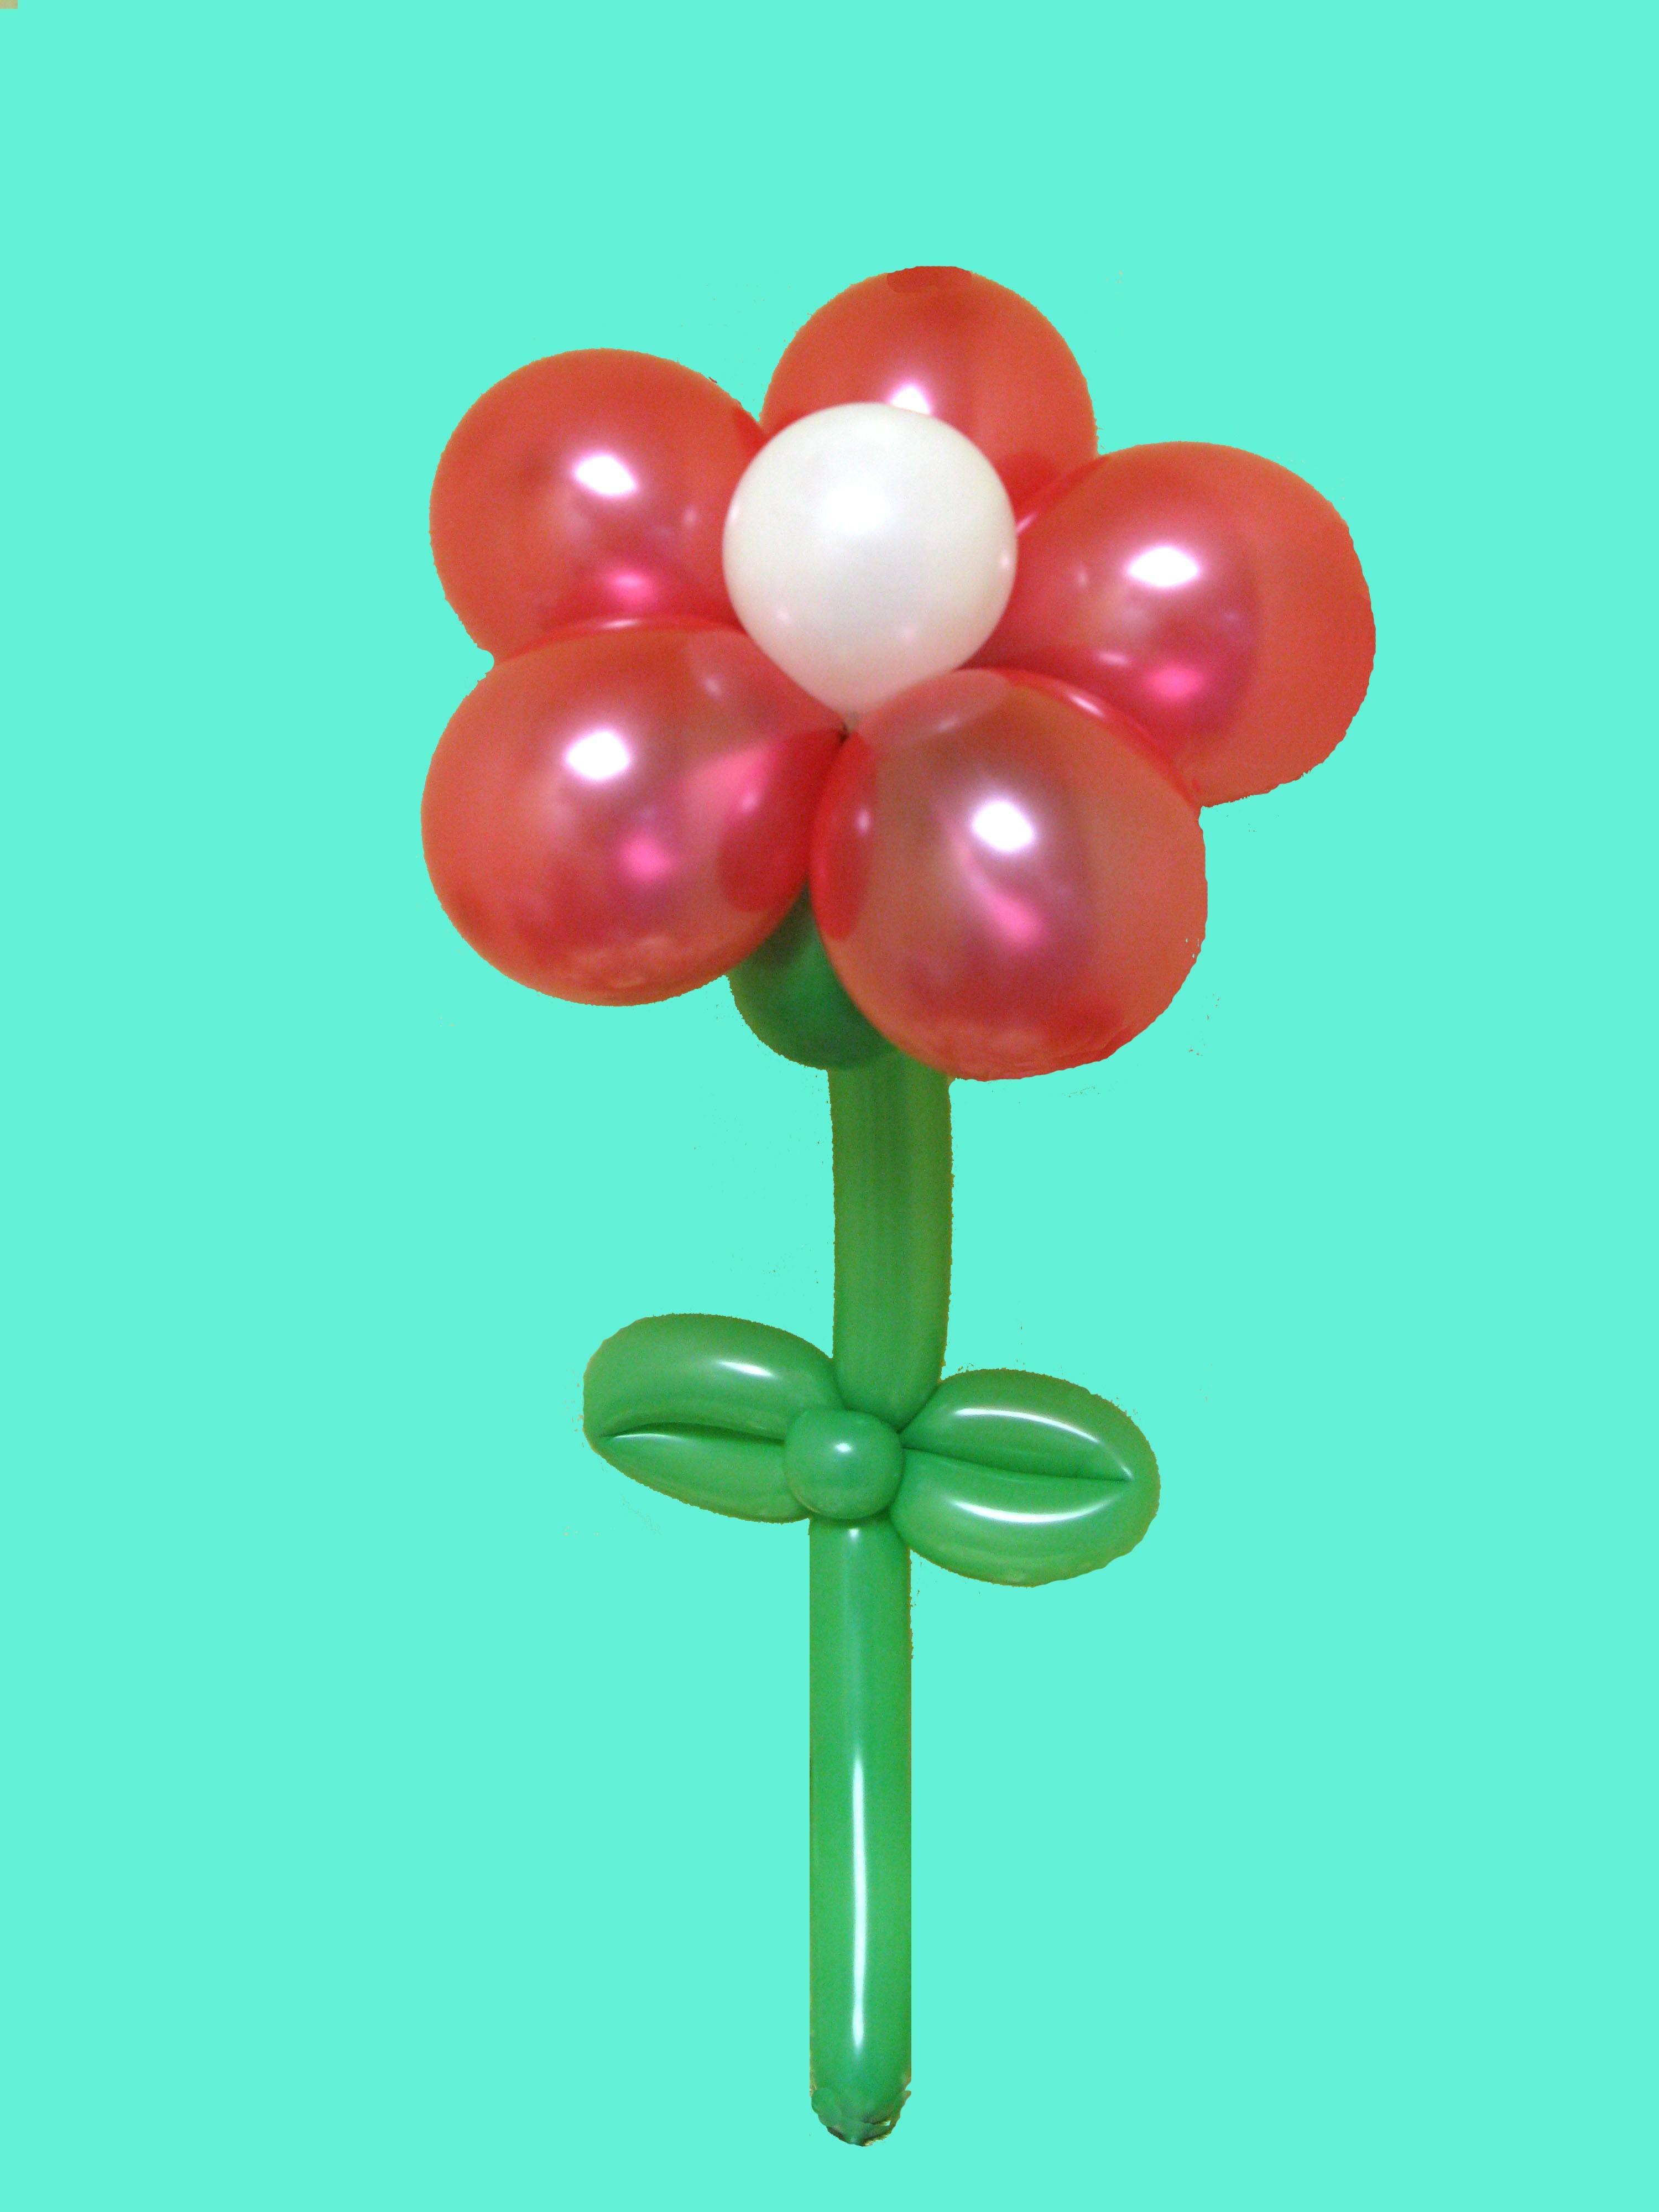 Как сделать цветы из воздушных шаров своими руками: пошаговая инструкция 51